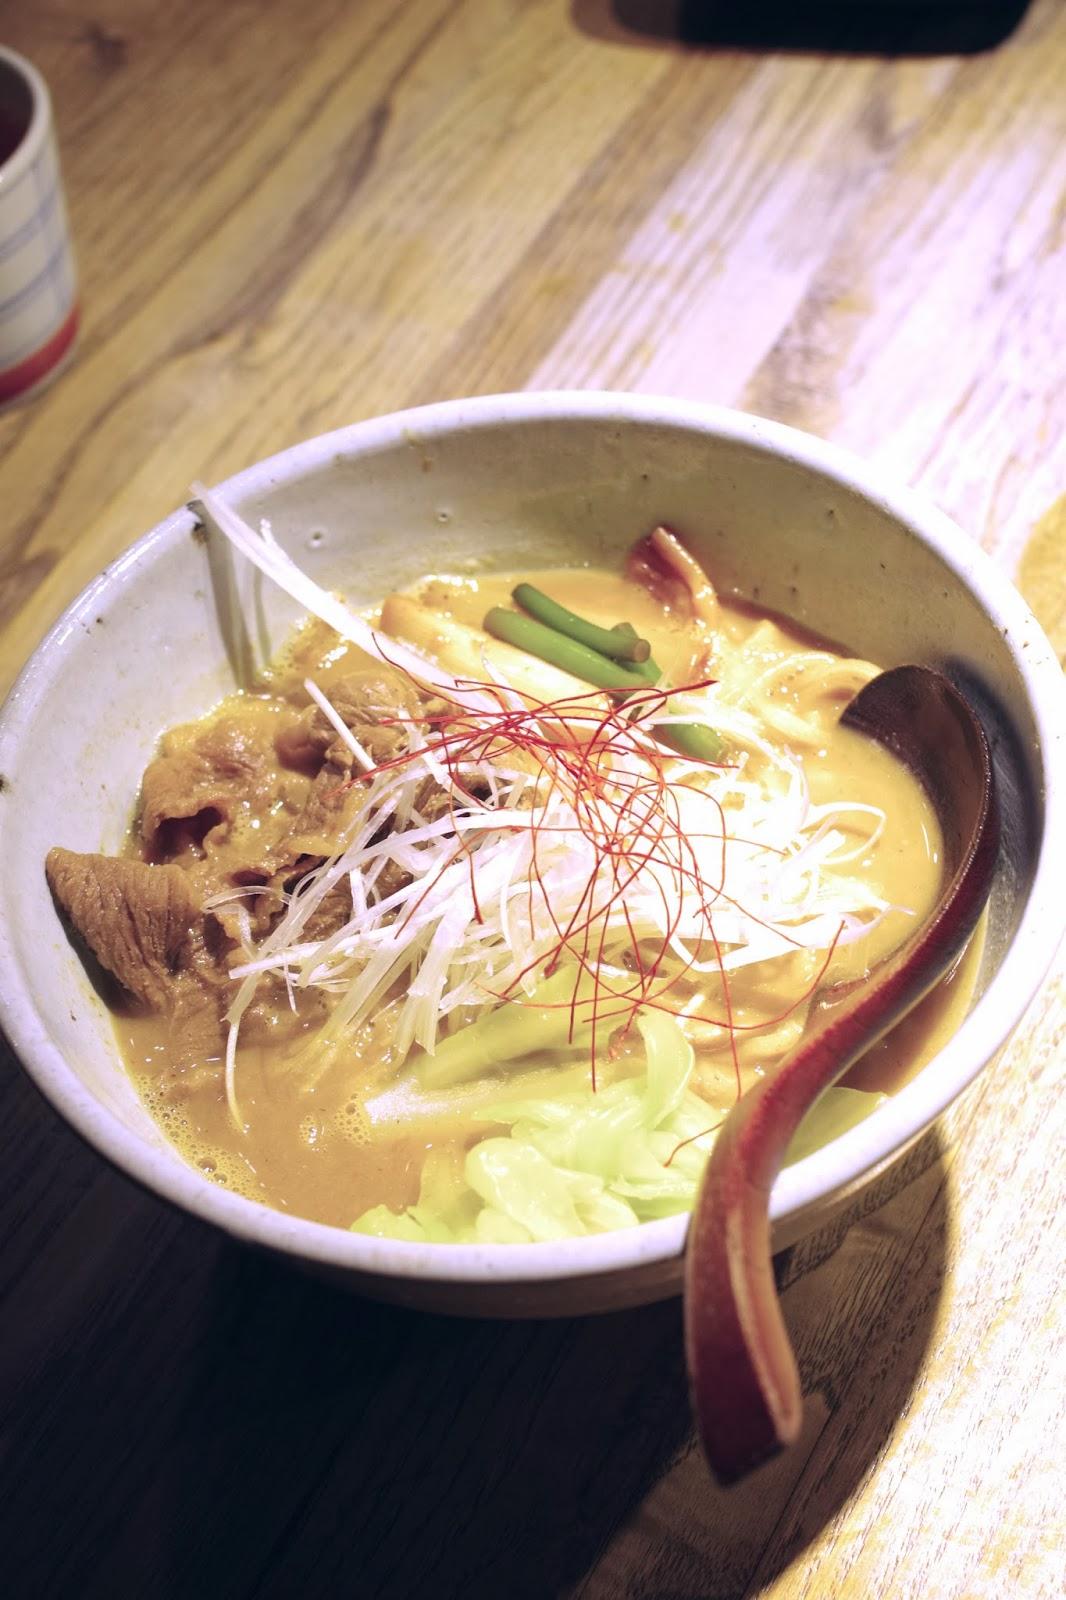 z11 & Gadda 的美食生活: 京都第一天 中村藤吉 & 和釀良麵